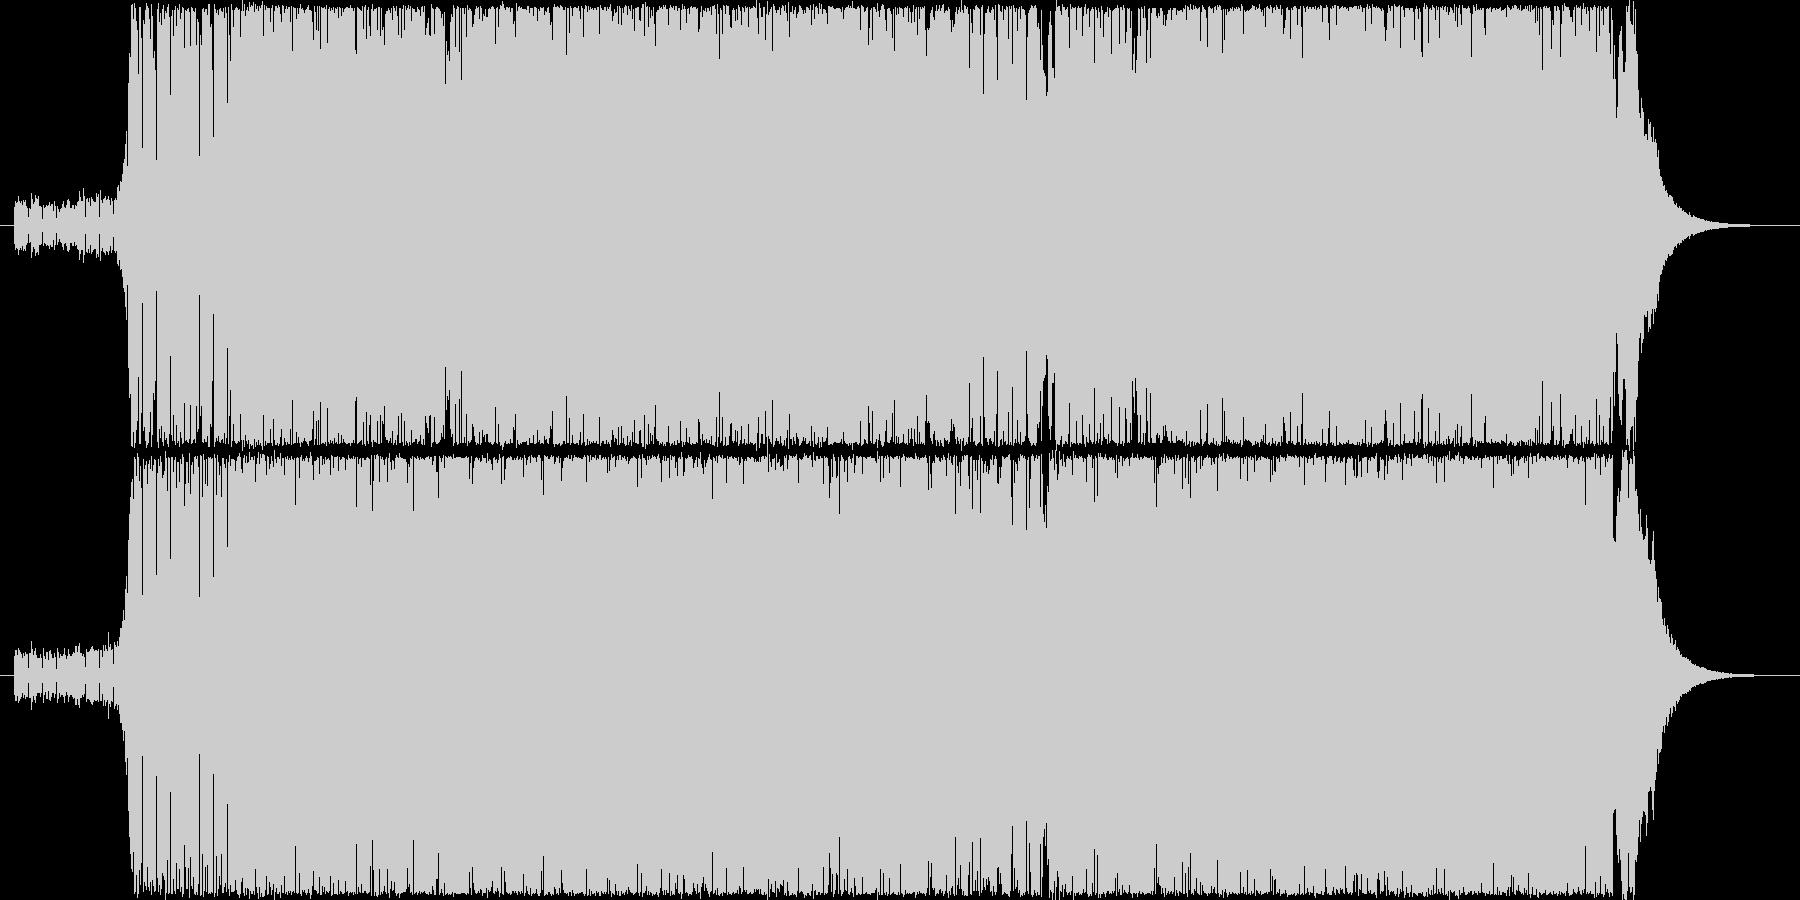 明るいキャッチャーなサウンドです。の未再生の波形